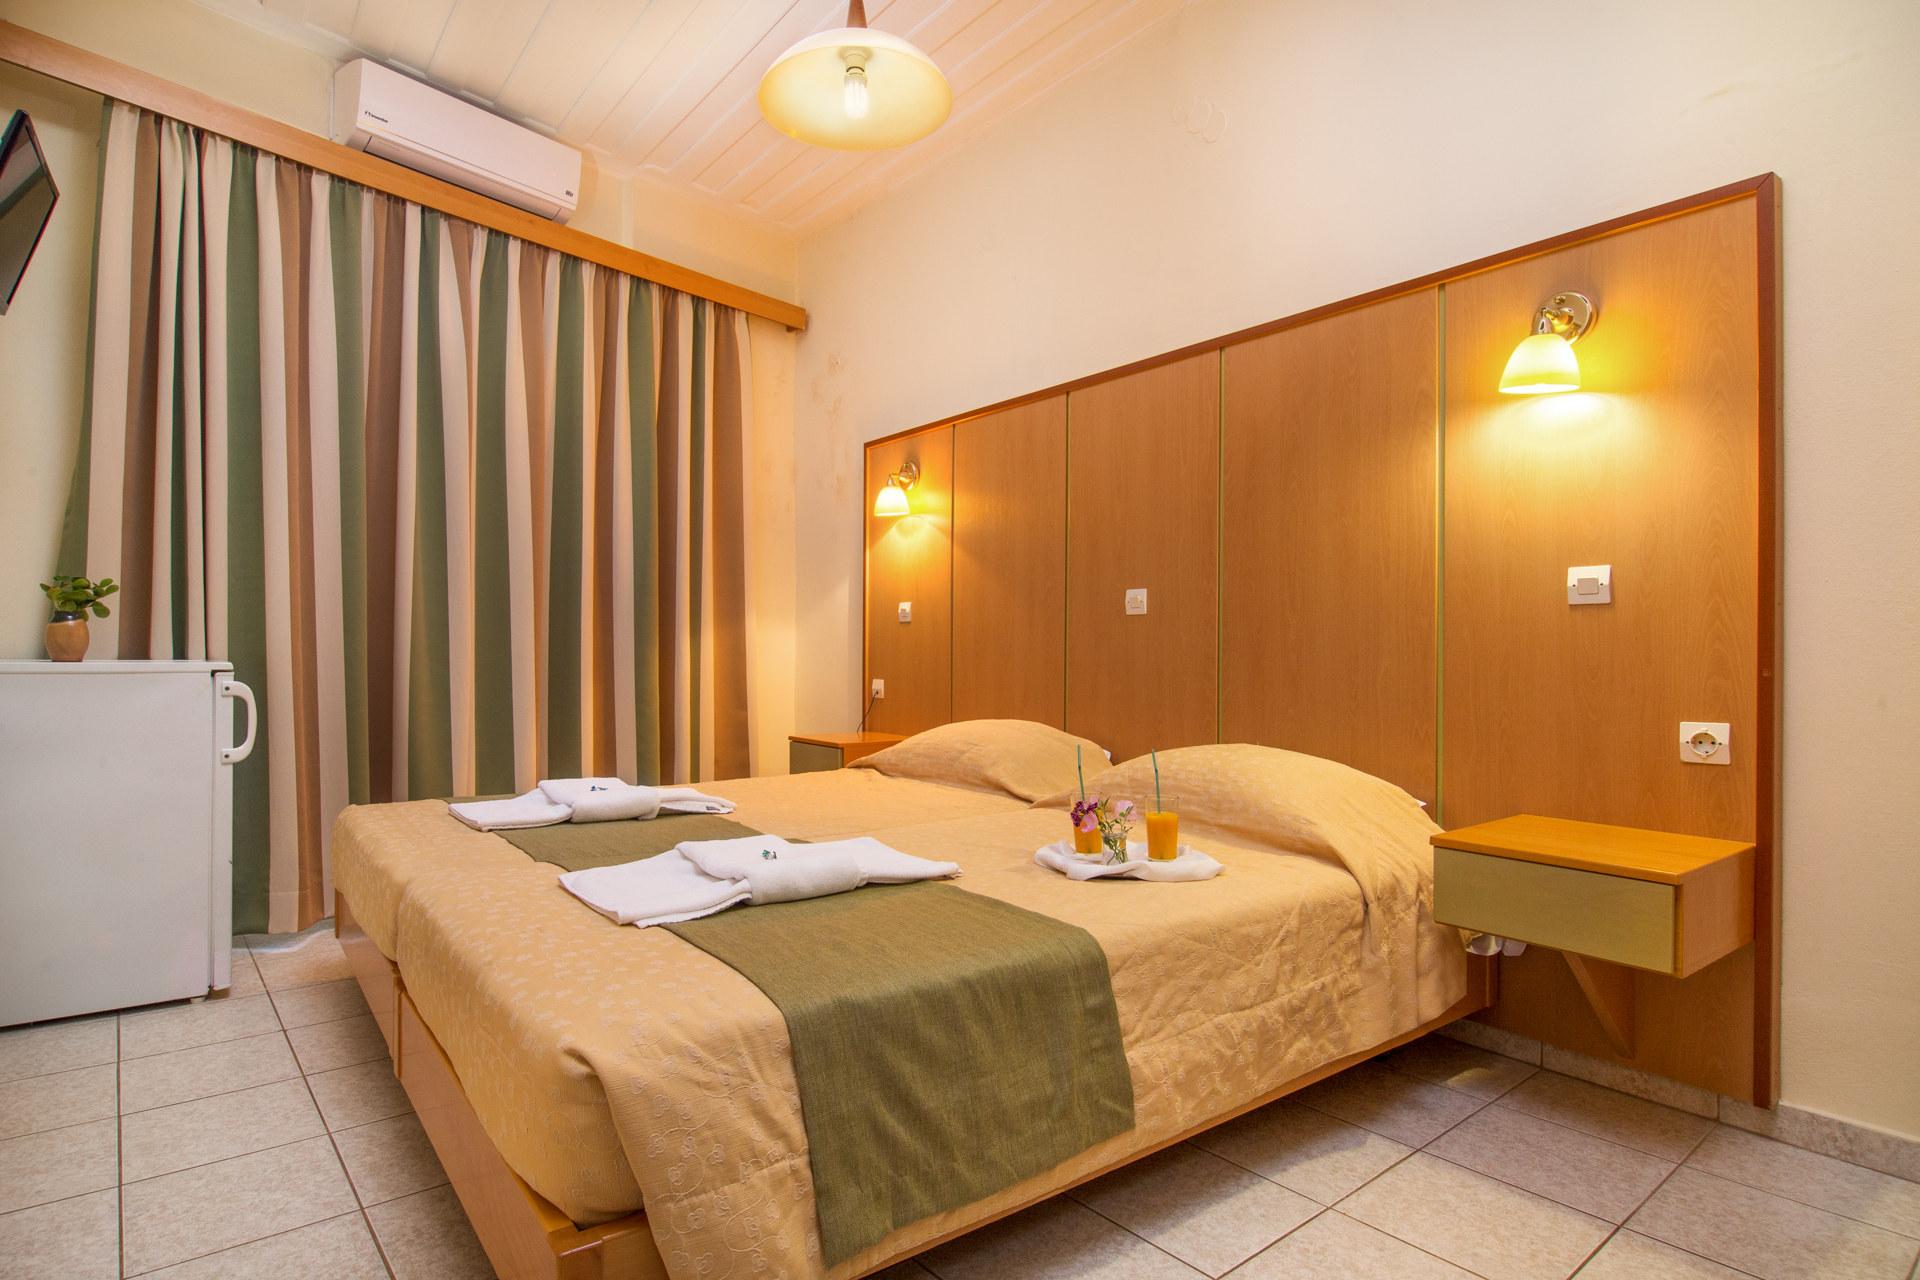 El Greco Hotel - Double rooms